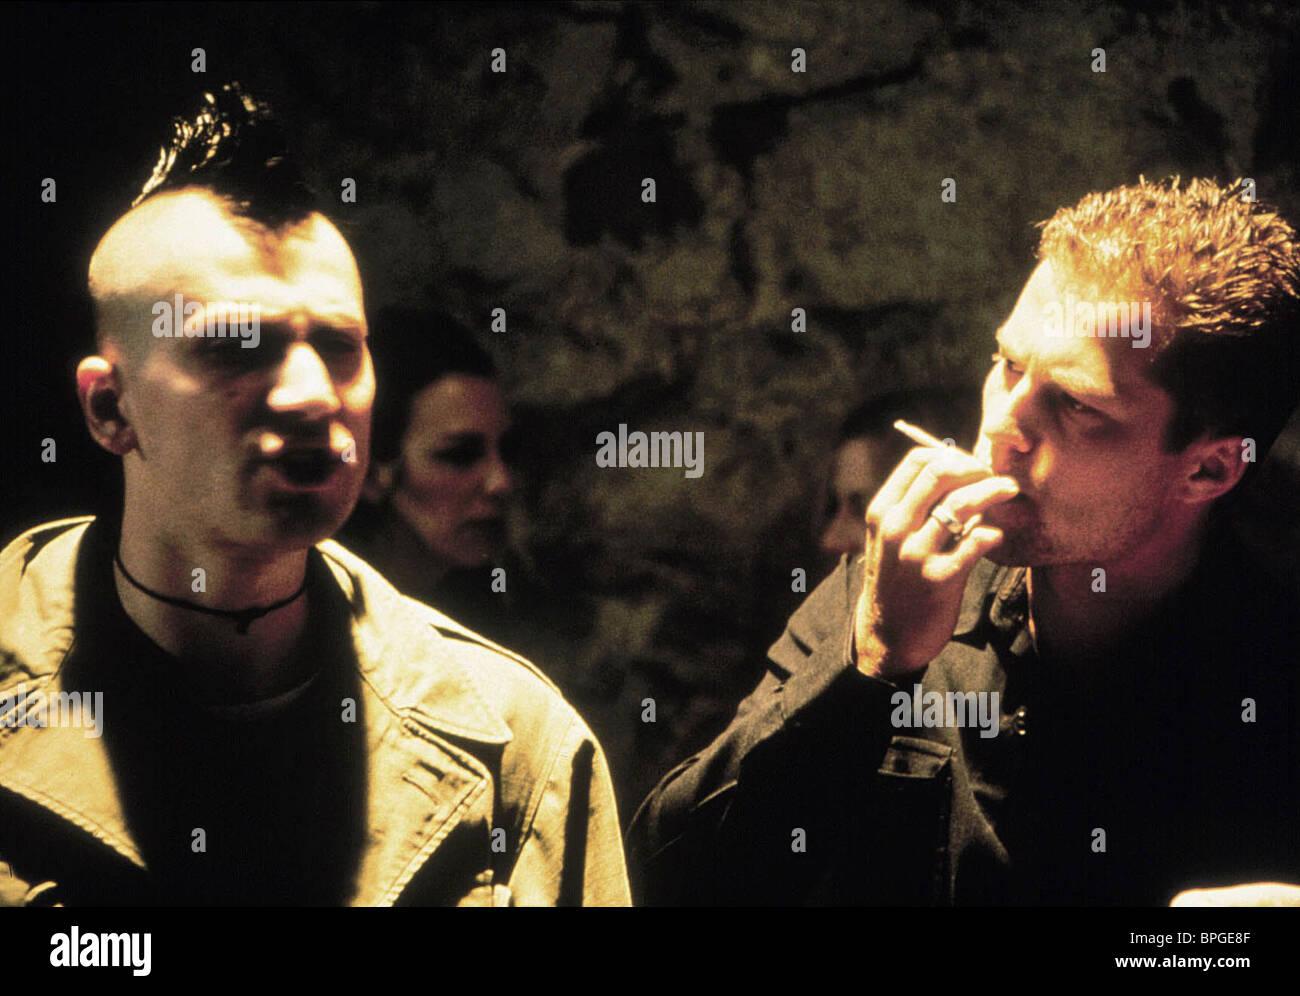 Slc punk 2: punk's dead   indiegogo.